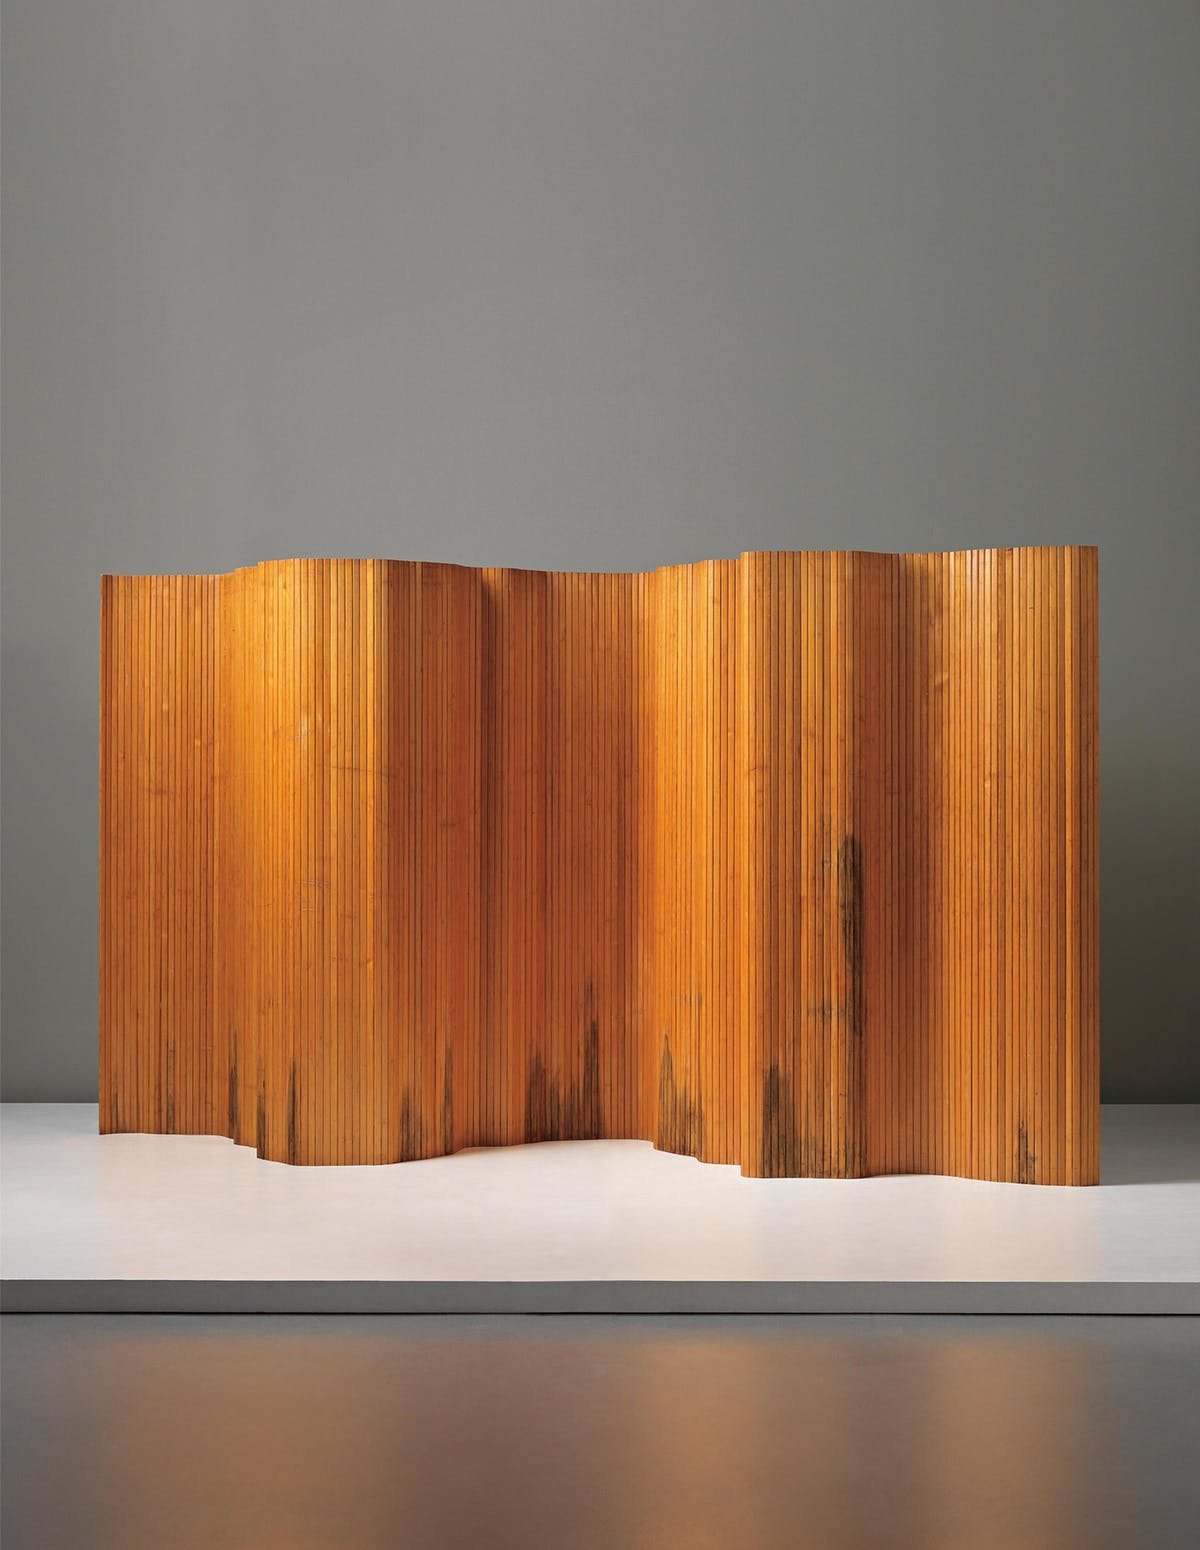 Paravent von Alvar Aalto für das Hotel Vaakuna (1940er Jahre). Verkauft 2014 bei Phillips für 33.800 Euro  Foto: Phillips